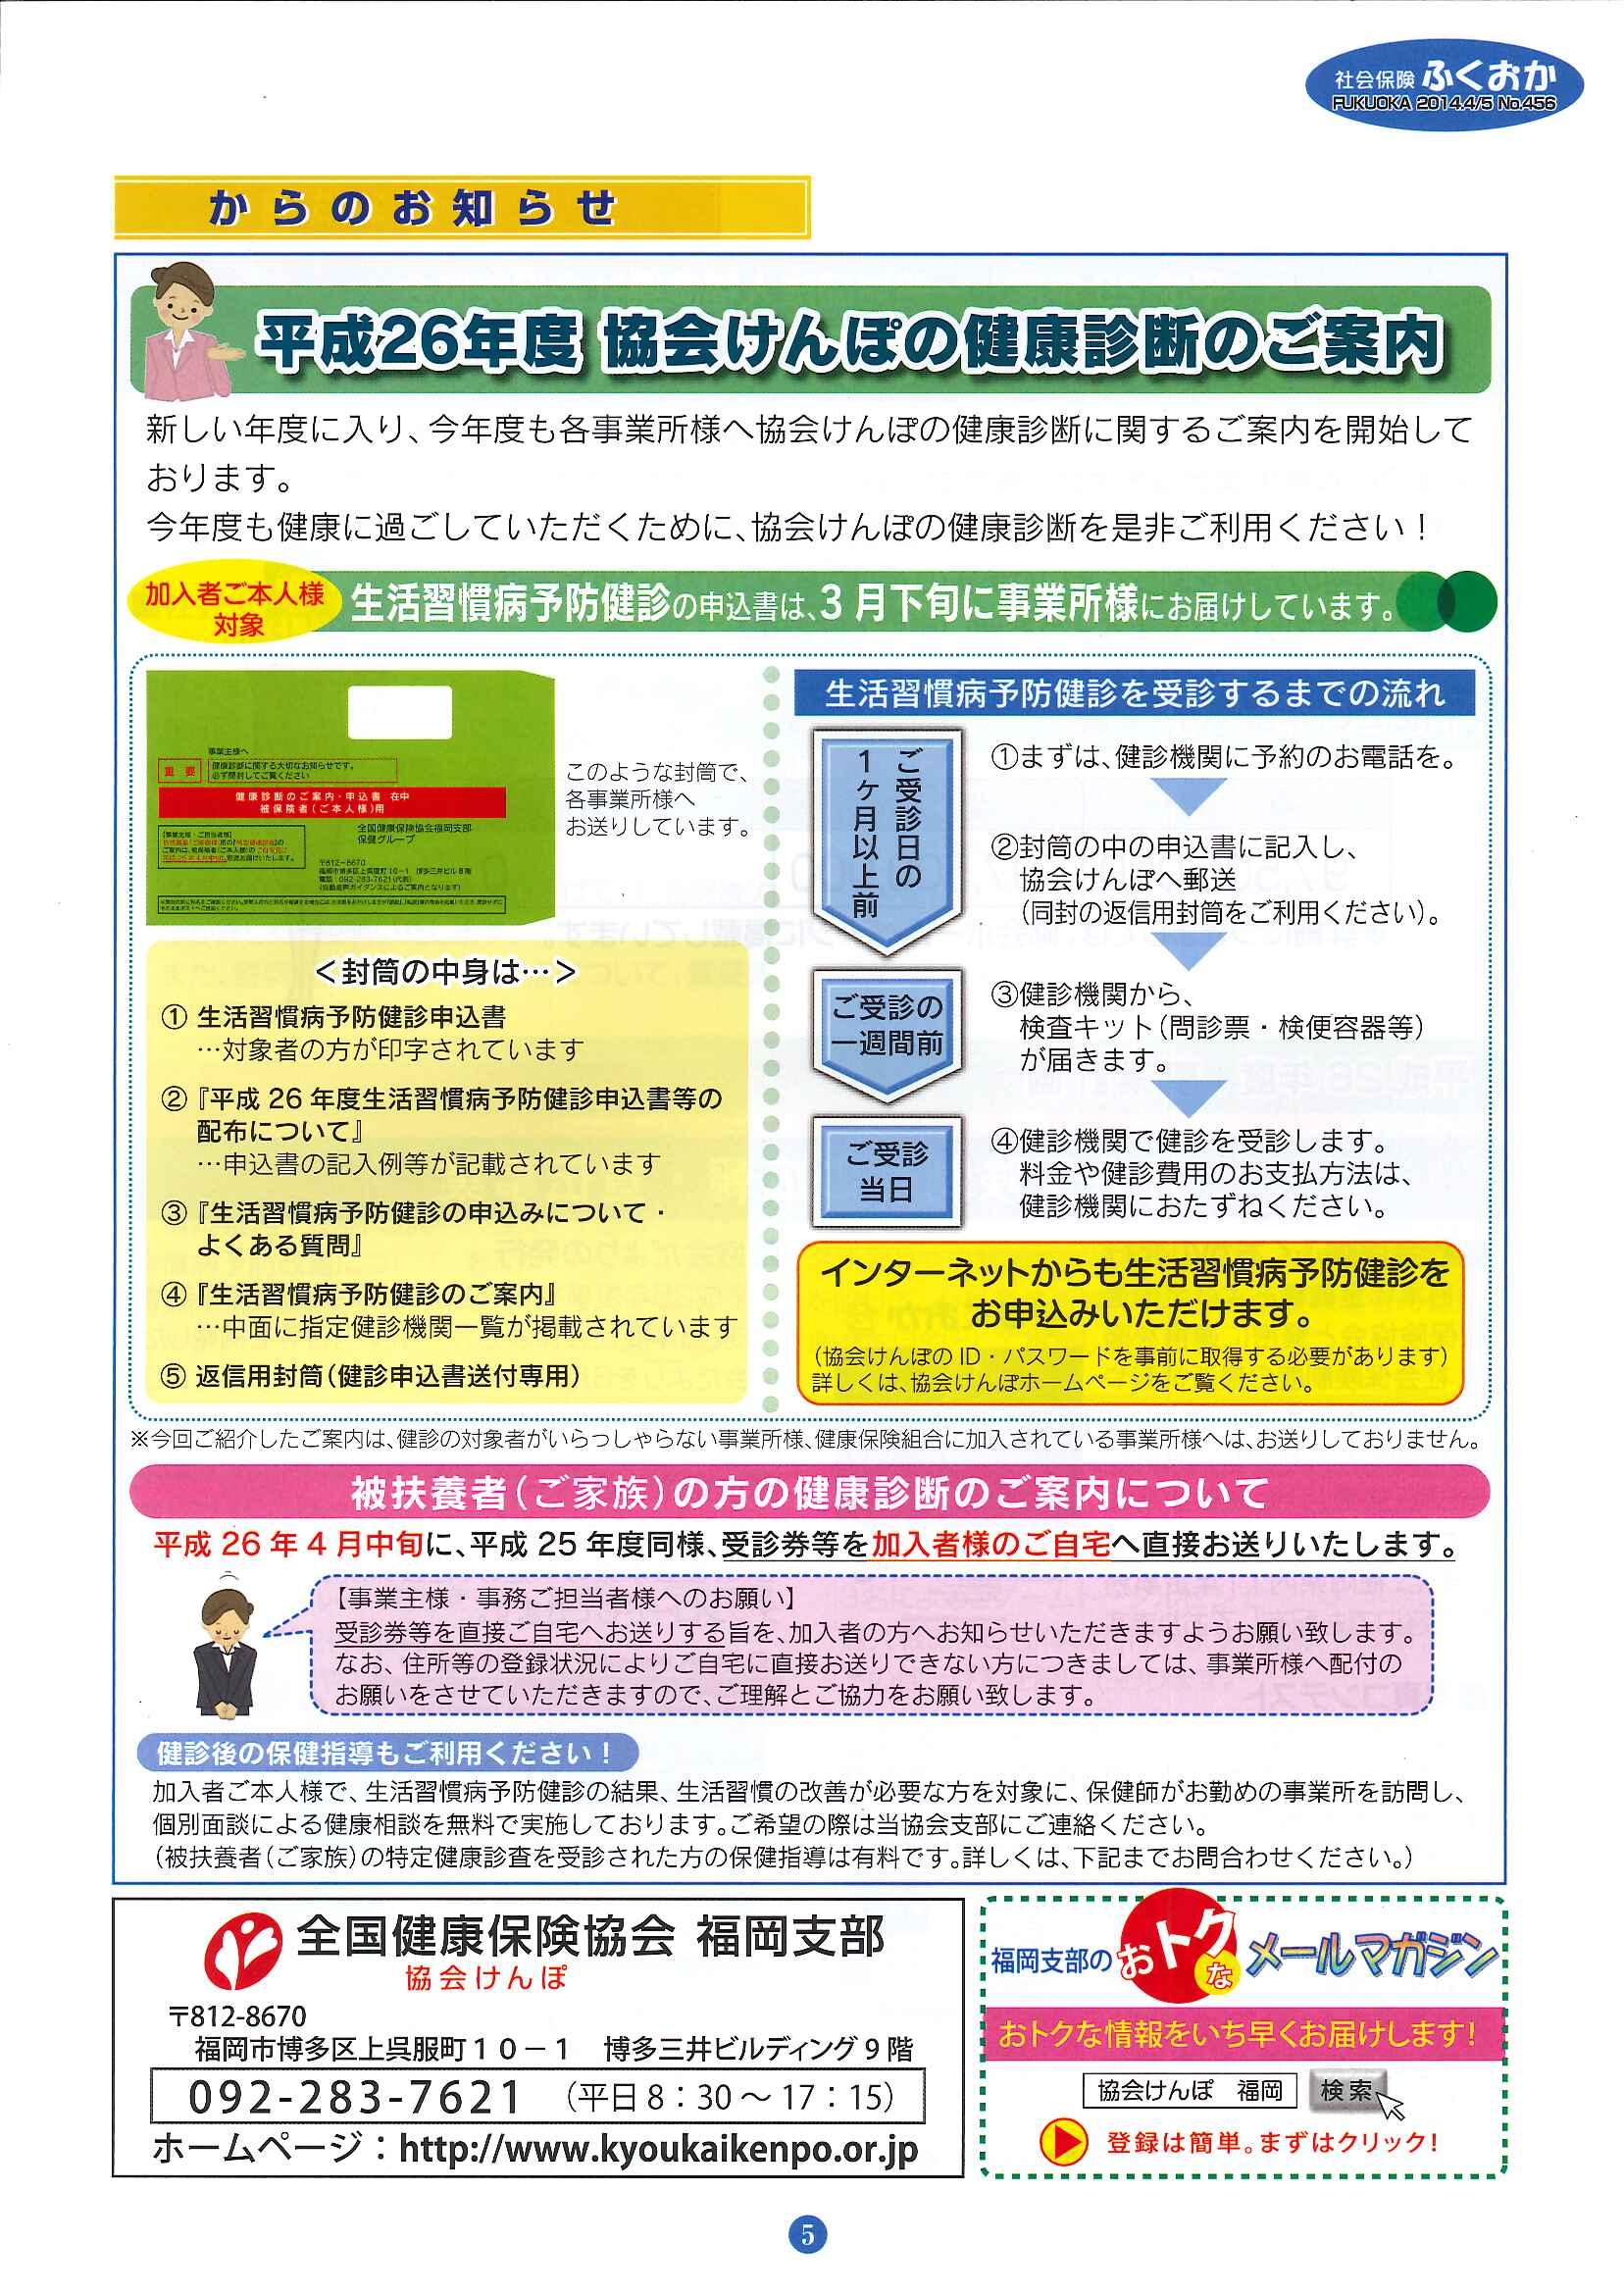 社会保険 ふくおか 2014年4・5月号_f0120774_14592049.jpg